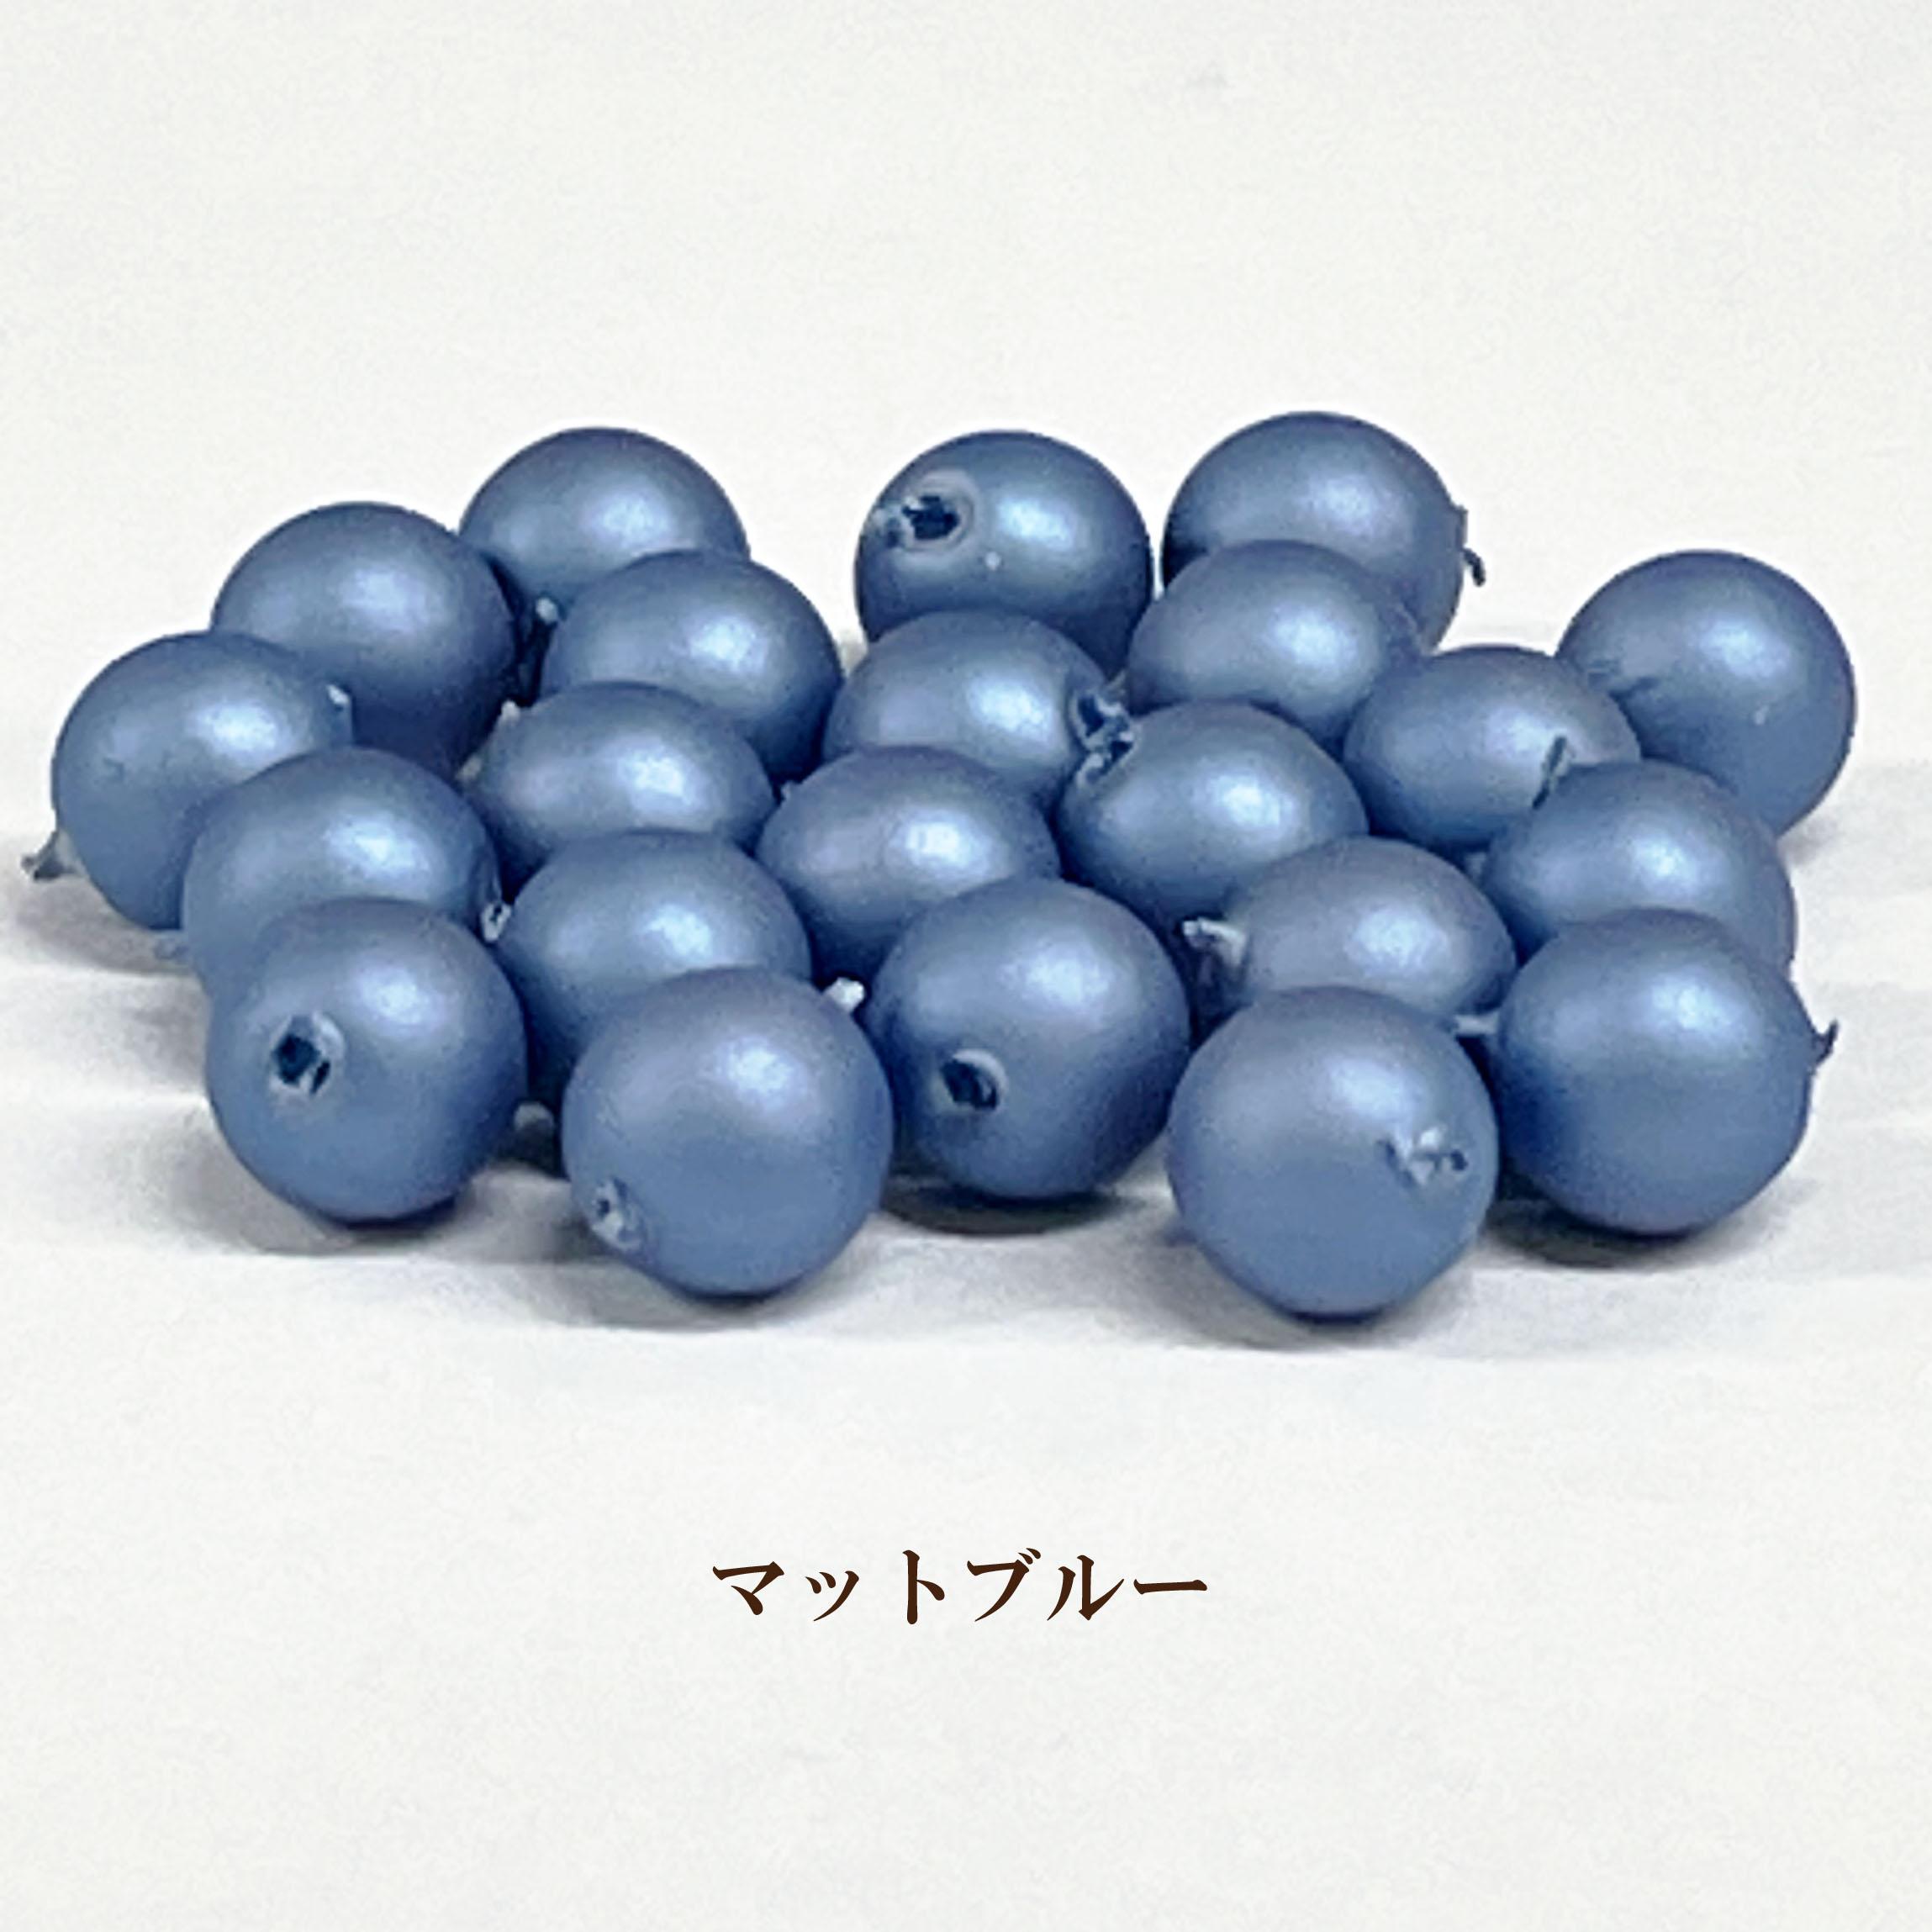 日本製プラスチックパール ついに再販開始 期間限定 プラパール 5mm マットブルー 約75個入